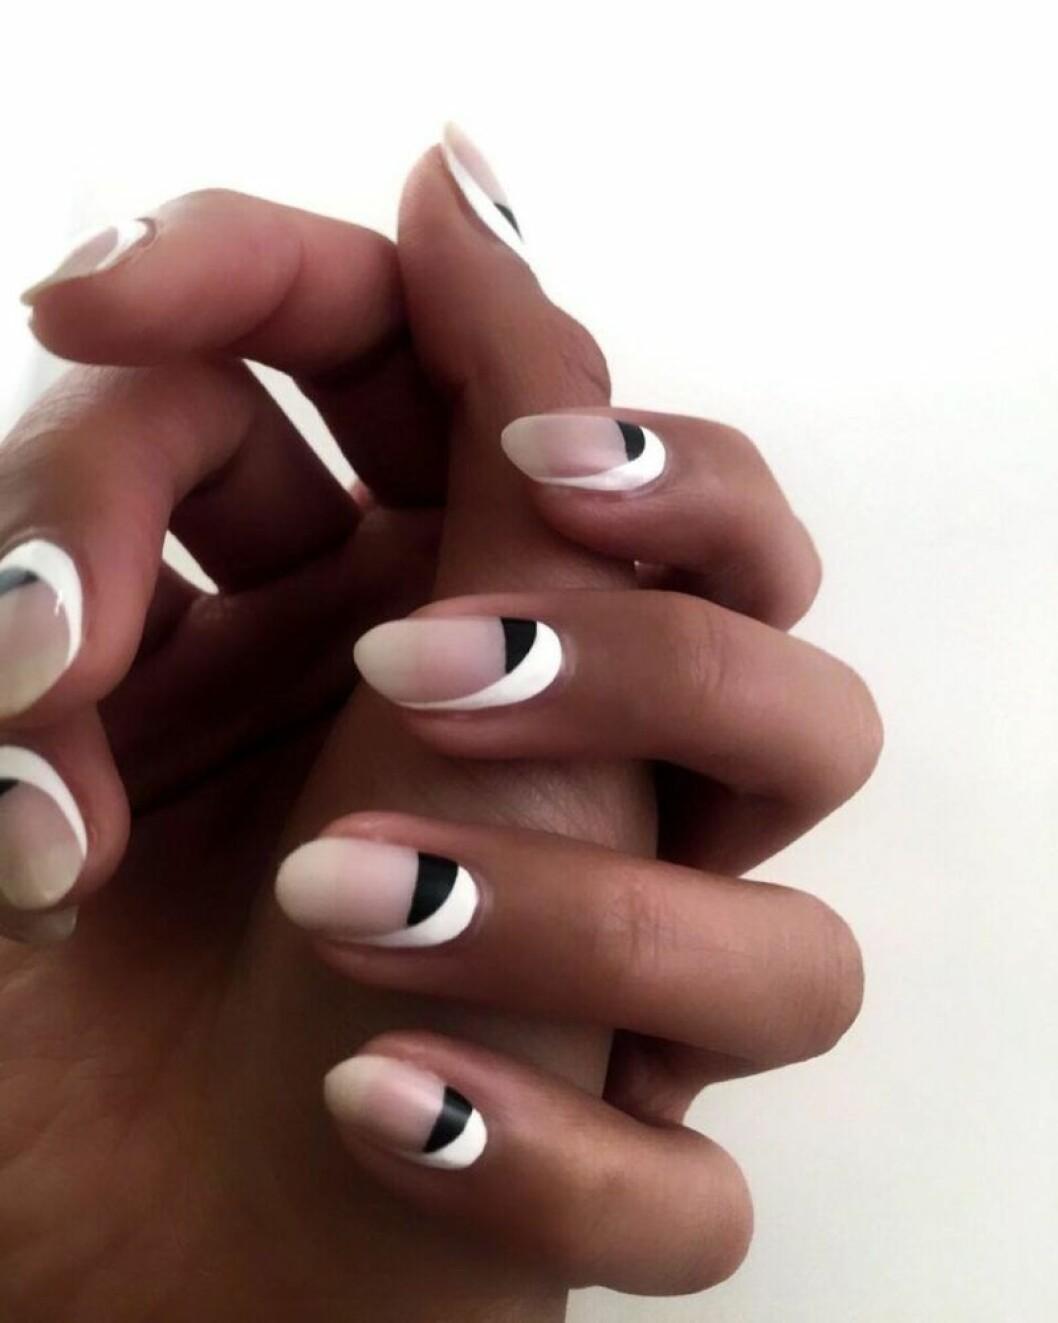 En bild på en minimalistisk lackning i svart och vitt.